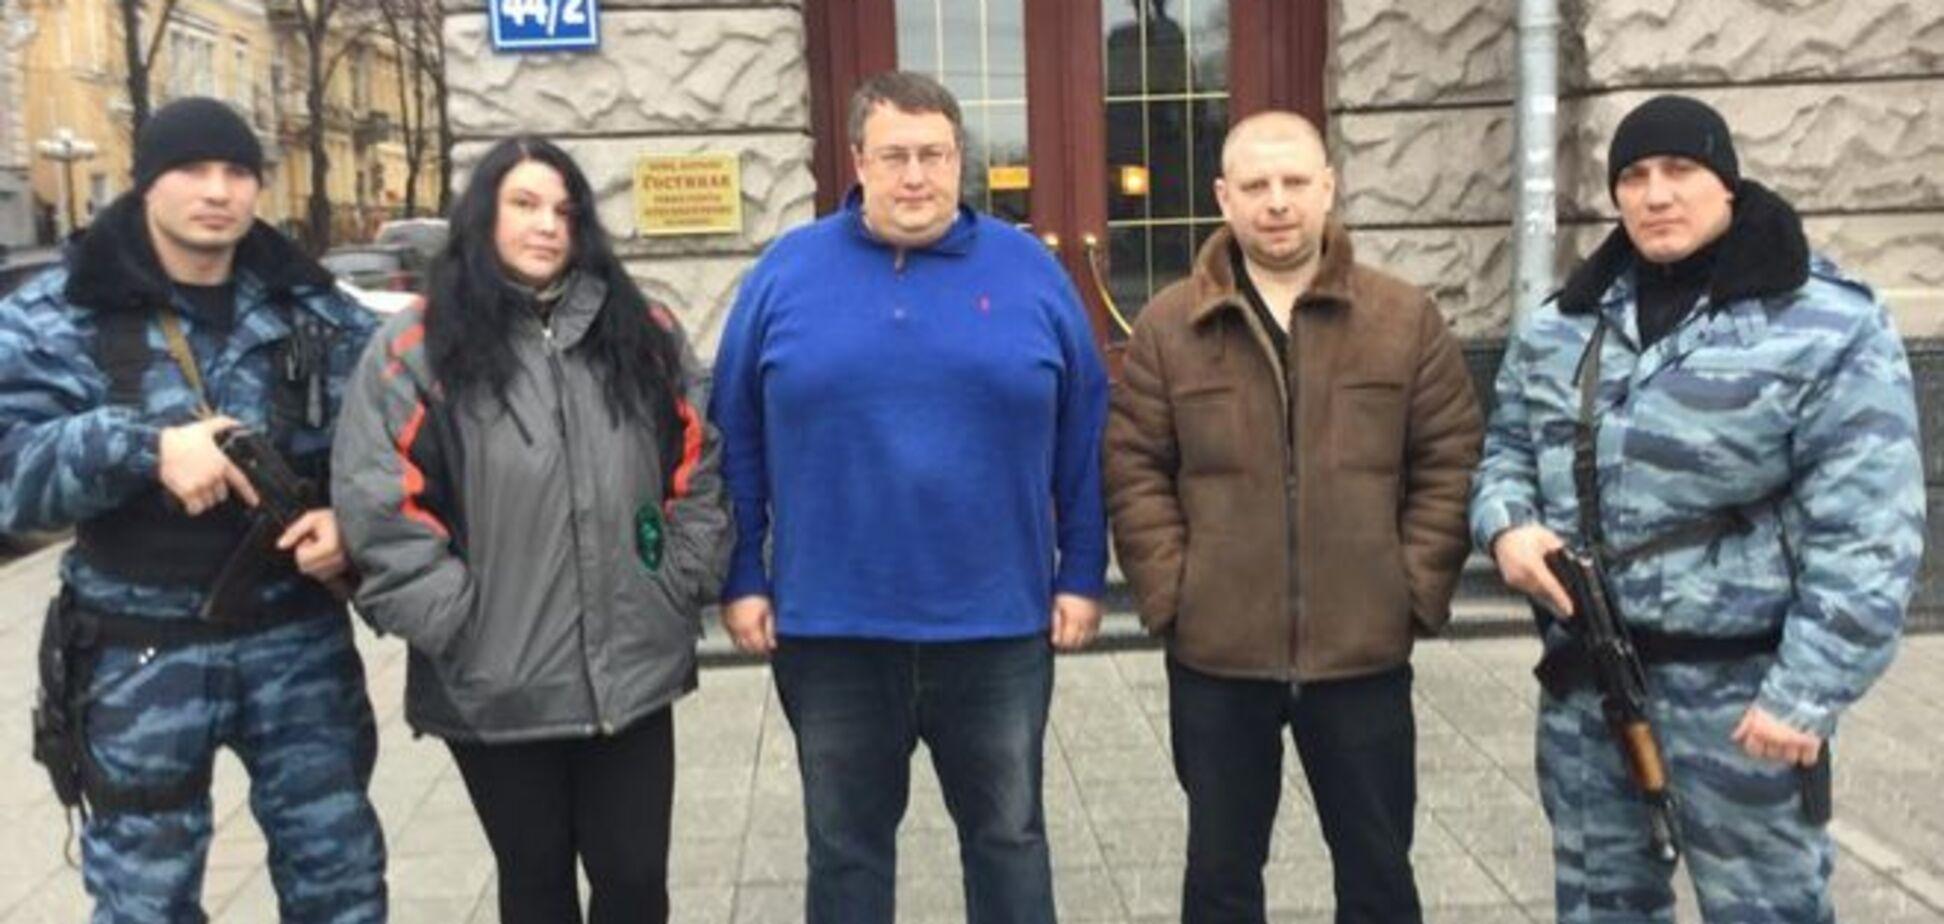 'Беркутовцы', ранее избившие журналиста в Харькове, стали героями: задержали авто с арсеналом из АТО